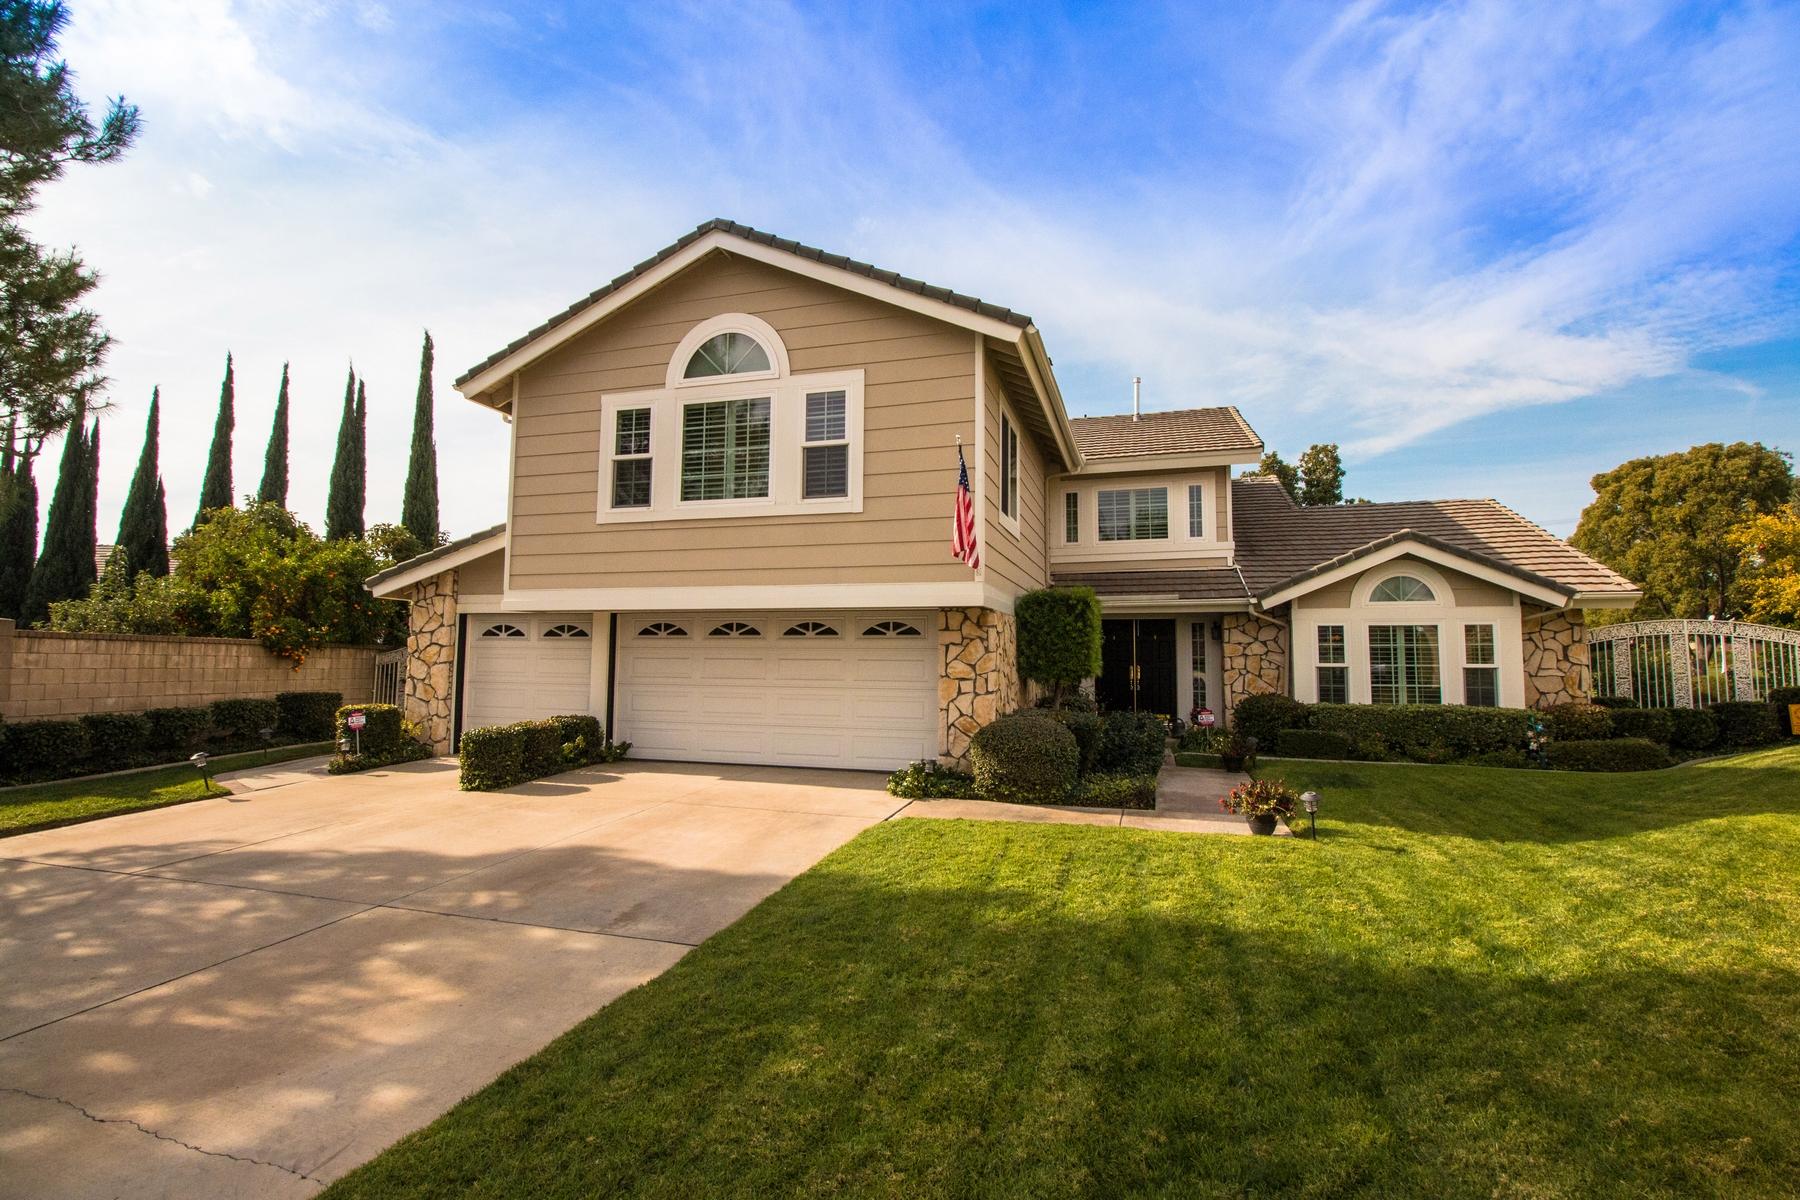 独户住宅 为 销售 在 1781 Orangewood Avenue 阿普兰, 91784 美国